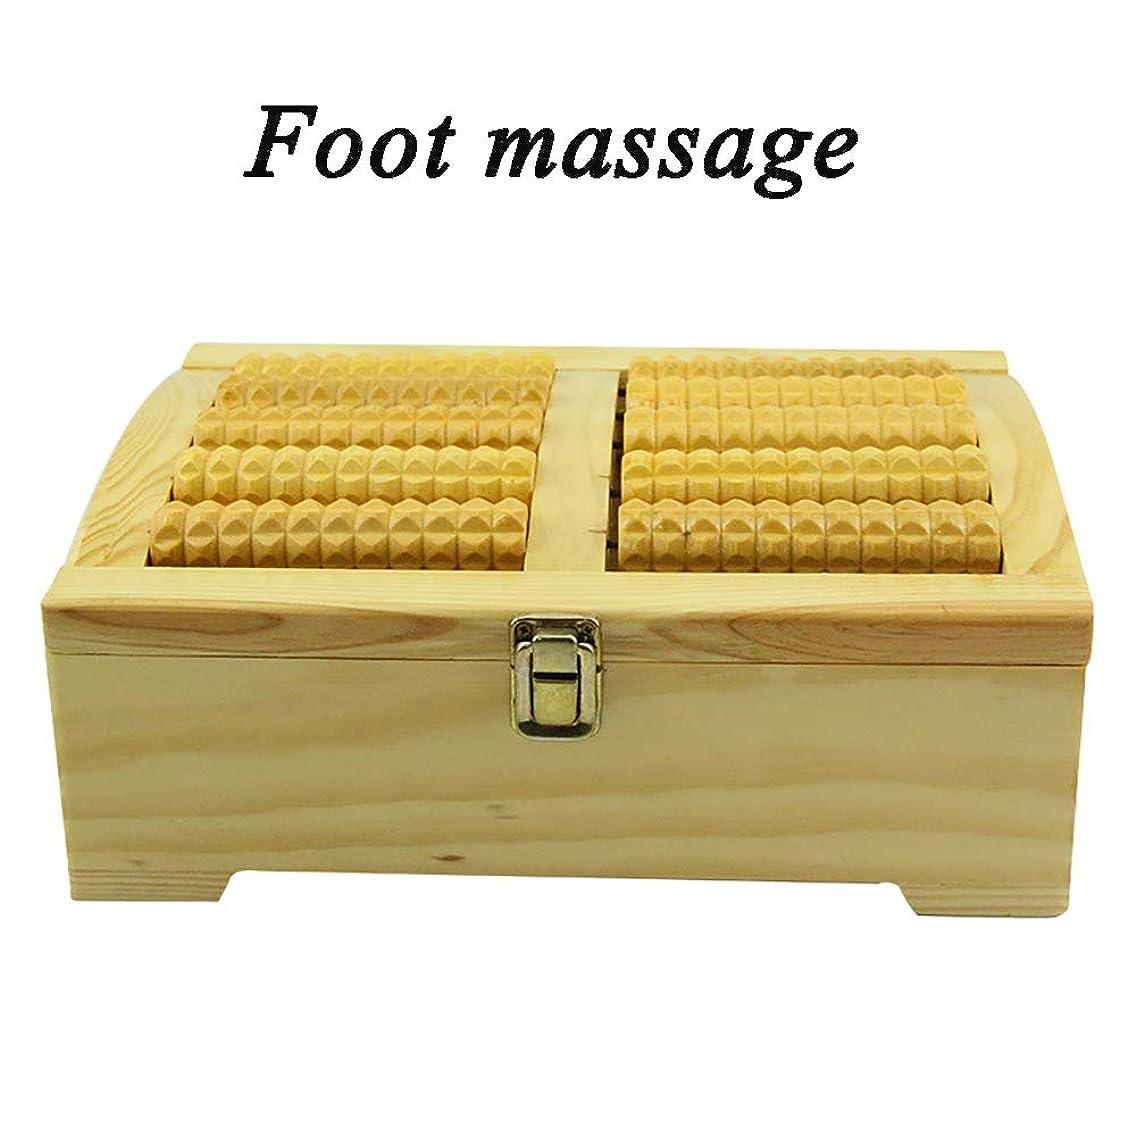 とげのある学部長毛布足のマッサージトマッサージャーフットマッサージローラー、リラクゼーション、足の痛み、足底筋膜炎ストレスリリーフ